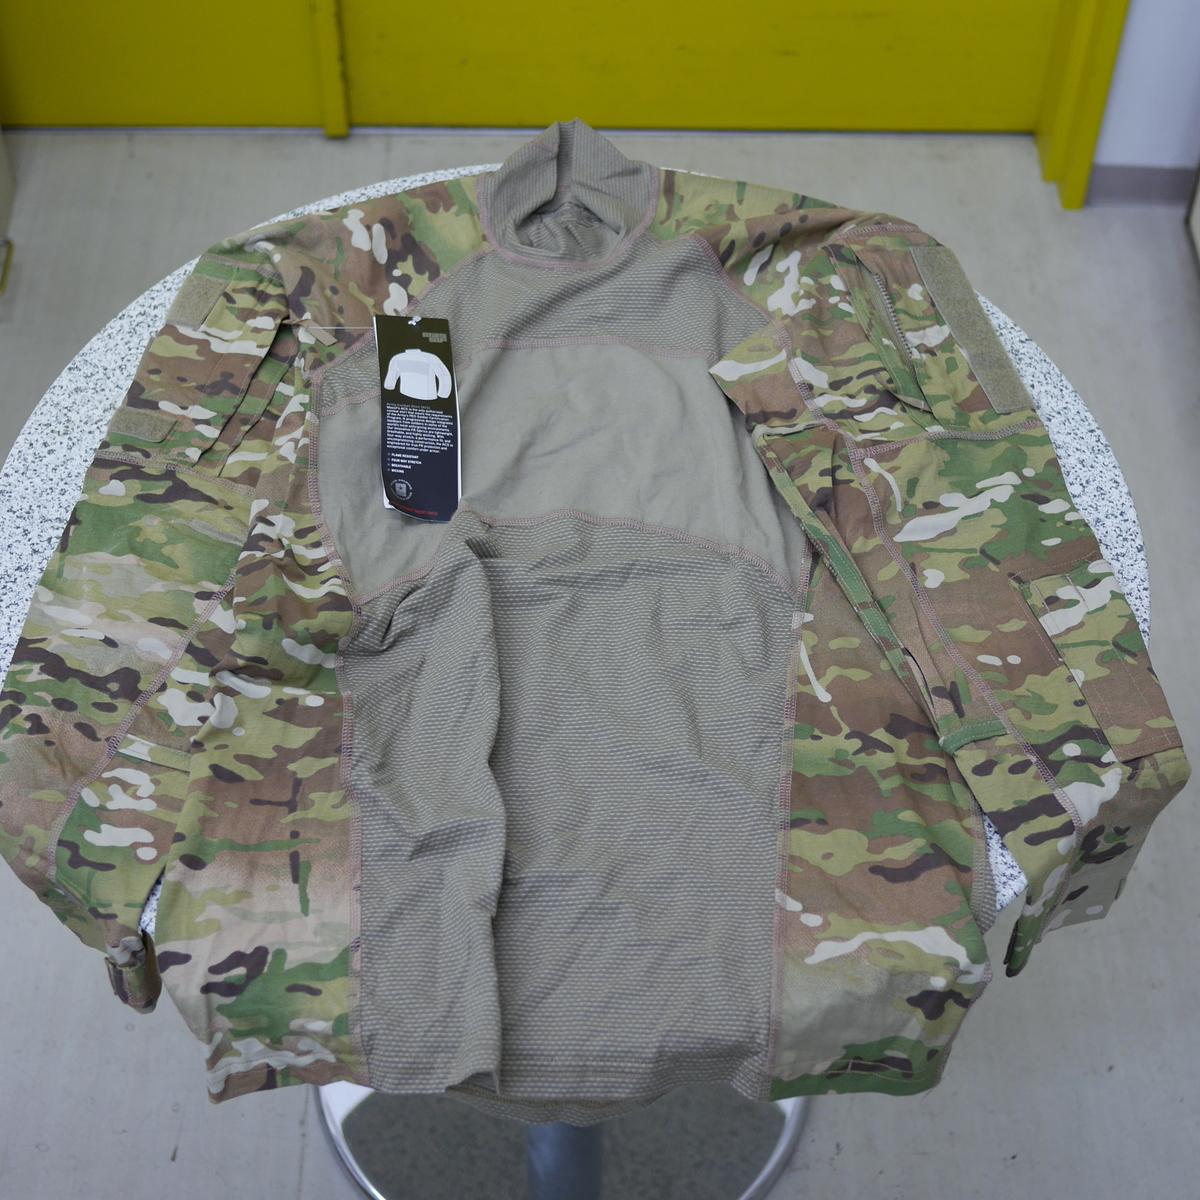 米軍 実物 新品 マルチカム コンバット シャツ MASSIF [サイズ M]【売れ筋】【当店オススメ】